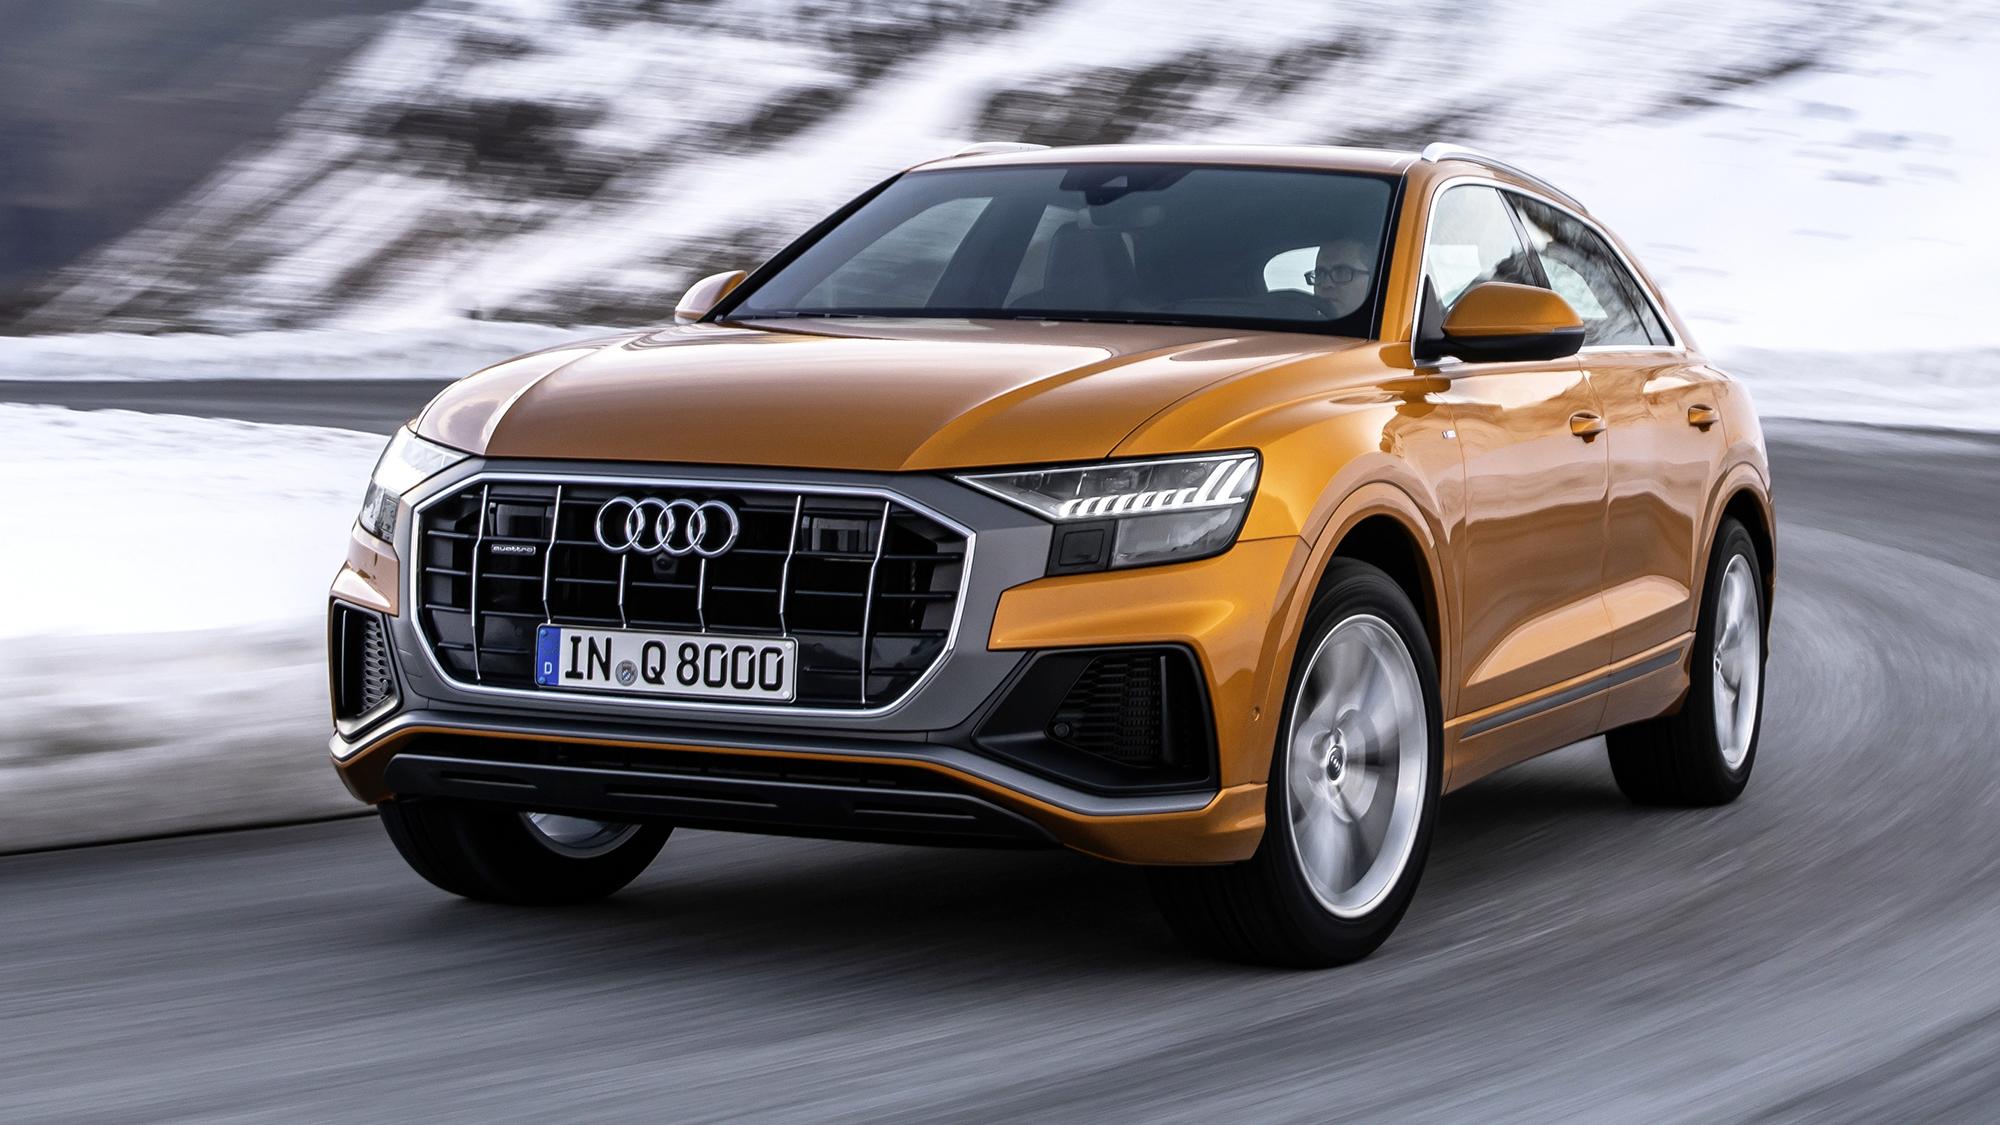 Kekurangan Audi 45 Tdi Perbandingan Harga